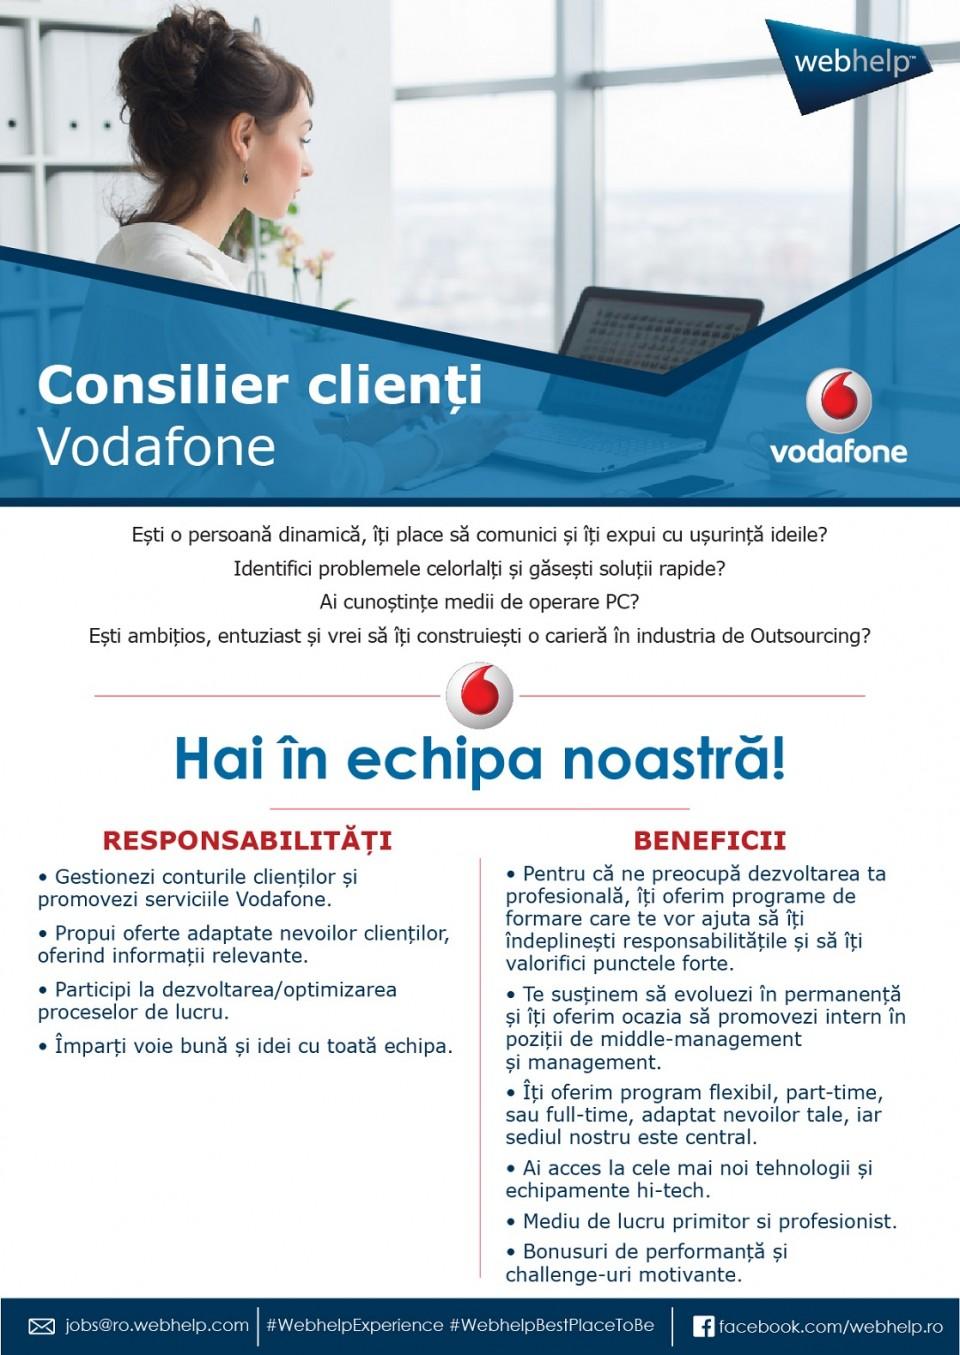 Descrierea companiei:  Lider in industria europeana de outsourcing, grupul Webhelp este un operateur international specializat in gestionarea relatiei cu clientii, cu o puternica dezvoltare in acest domeniu intre 2002 si 2012.  Grupul realizeaza o cifra de afaceri de aproape 1 miliard de euro si are peste 165 de clienti. In fiecare zi, 35.000 de angajați sunt în contact cu consumatorii din 91 de unități de producție în 26 de țări: Franța, Belgia, România, Portugalia, Italia, Elveția, Austria, Germania, Polonia, Republica Cehă, Țările de Jos, Maroc, Algeria, United -um, Africa de Sud, Madagascar, India, Surinam, Turcia, Grecia, Danemarca, Finlanda, Norvegia, Suedia.Webhelp este primul angajator francez în România, cu peste 2000 de angajati de la sase locatii din București, Ploiești, Iași și Galați.